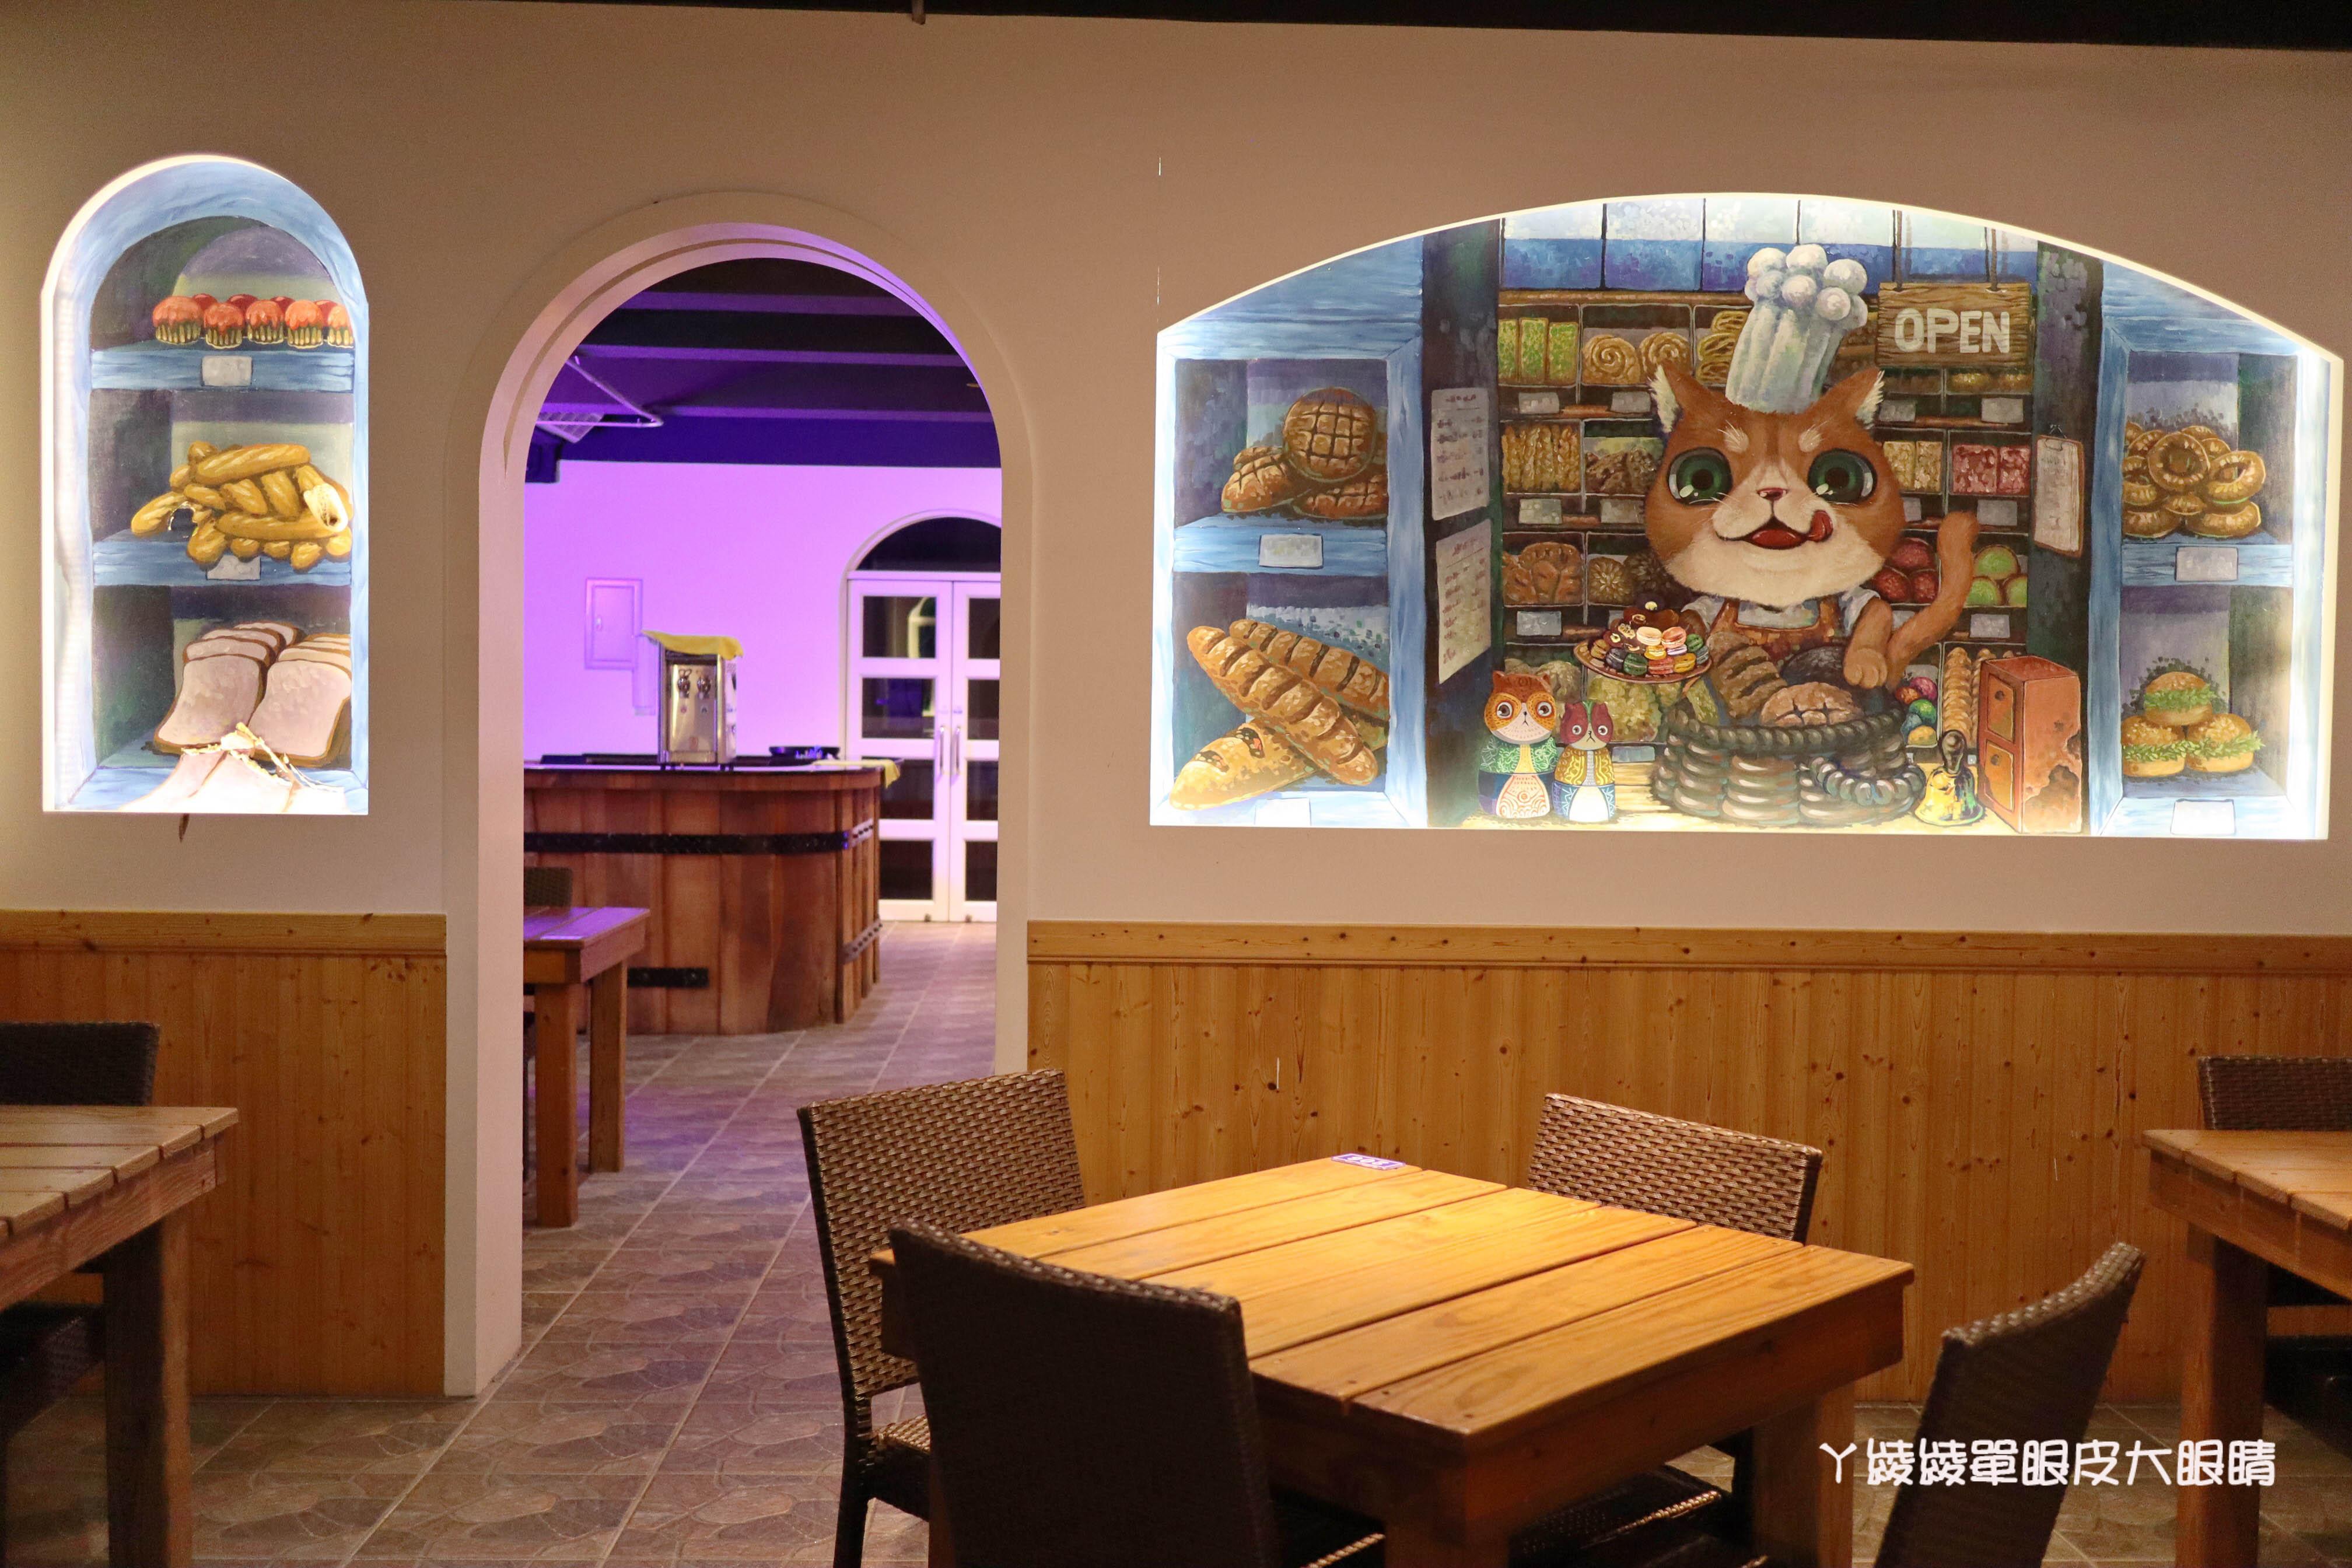 新竹旅遊景點推薦!山丘上景觀咖啡館,新竹湖口看夜景約會的好地方!地中海風格藍白建築